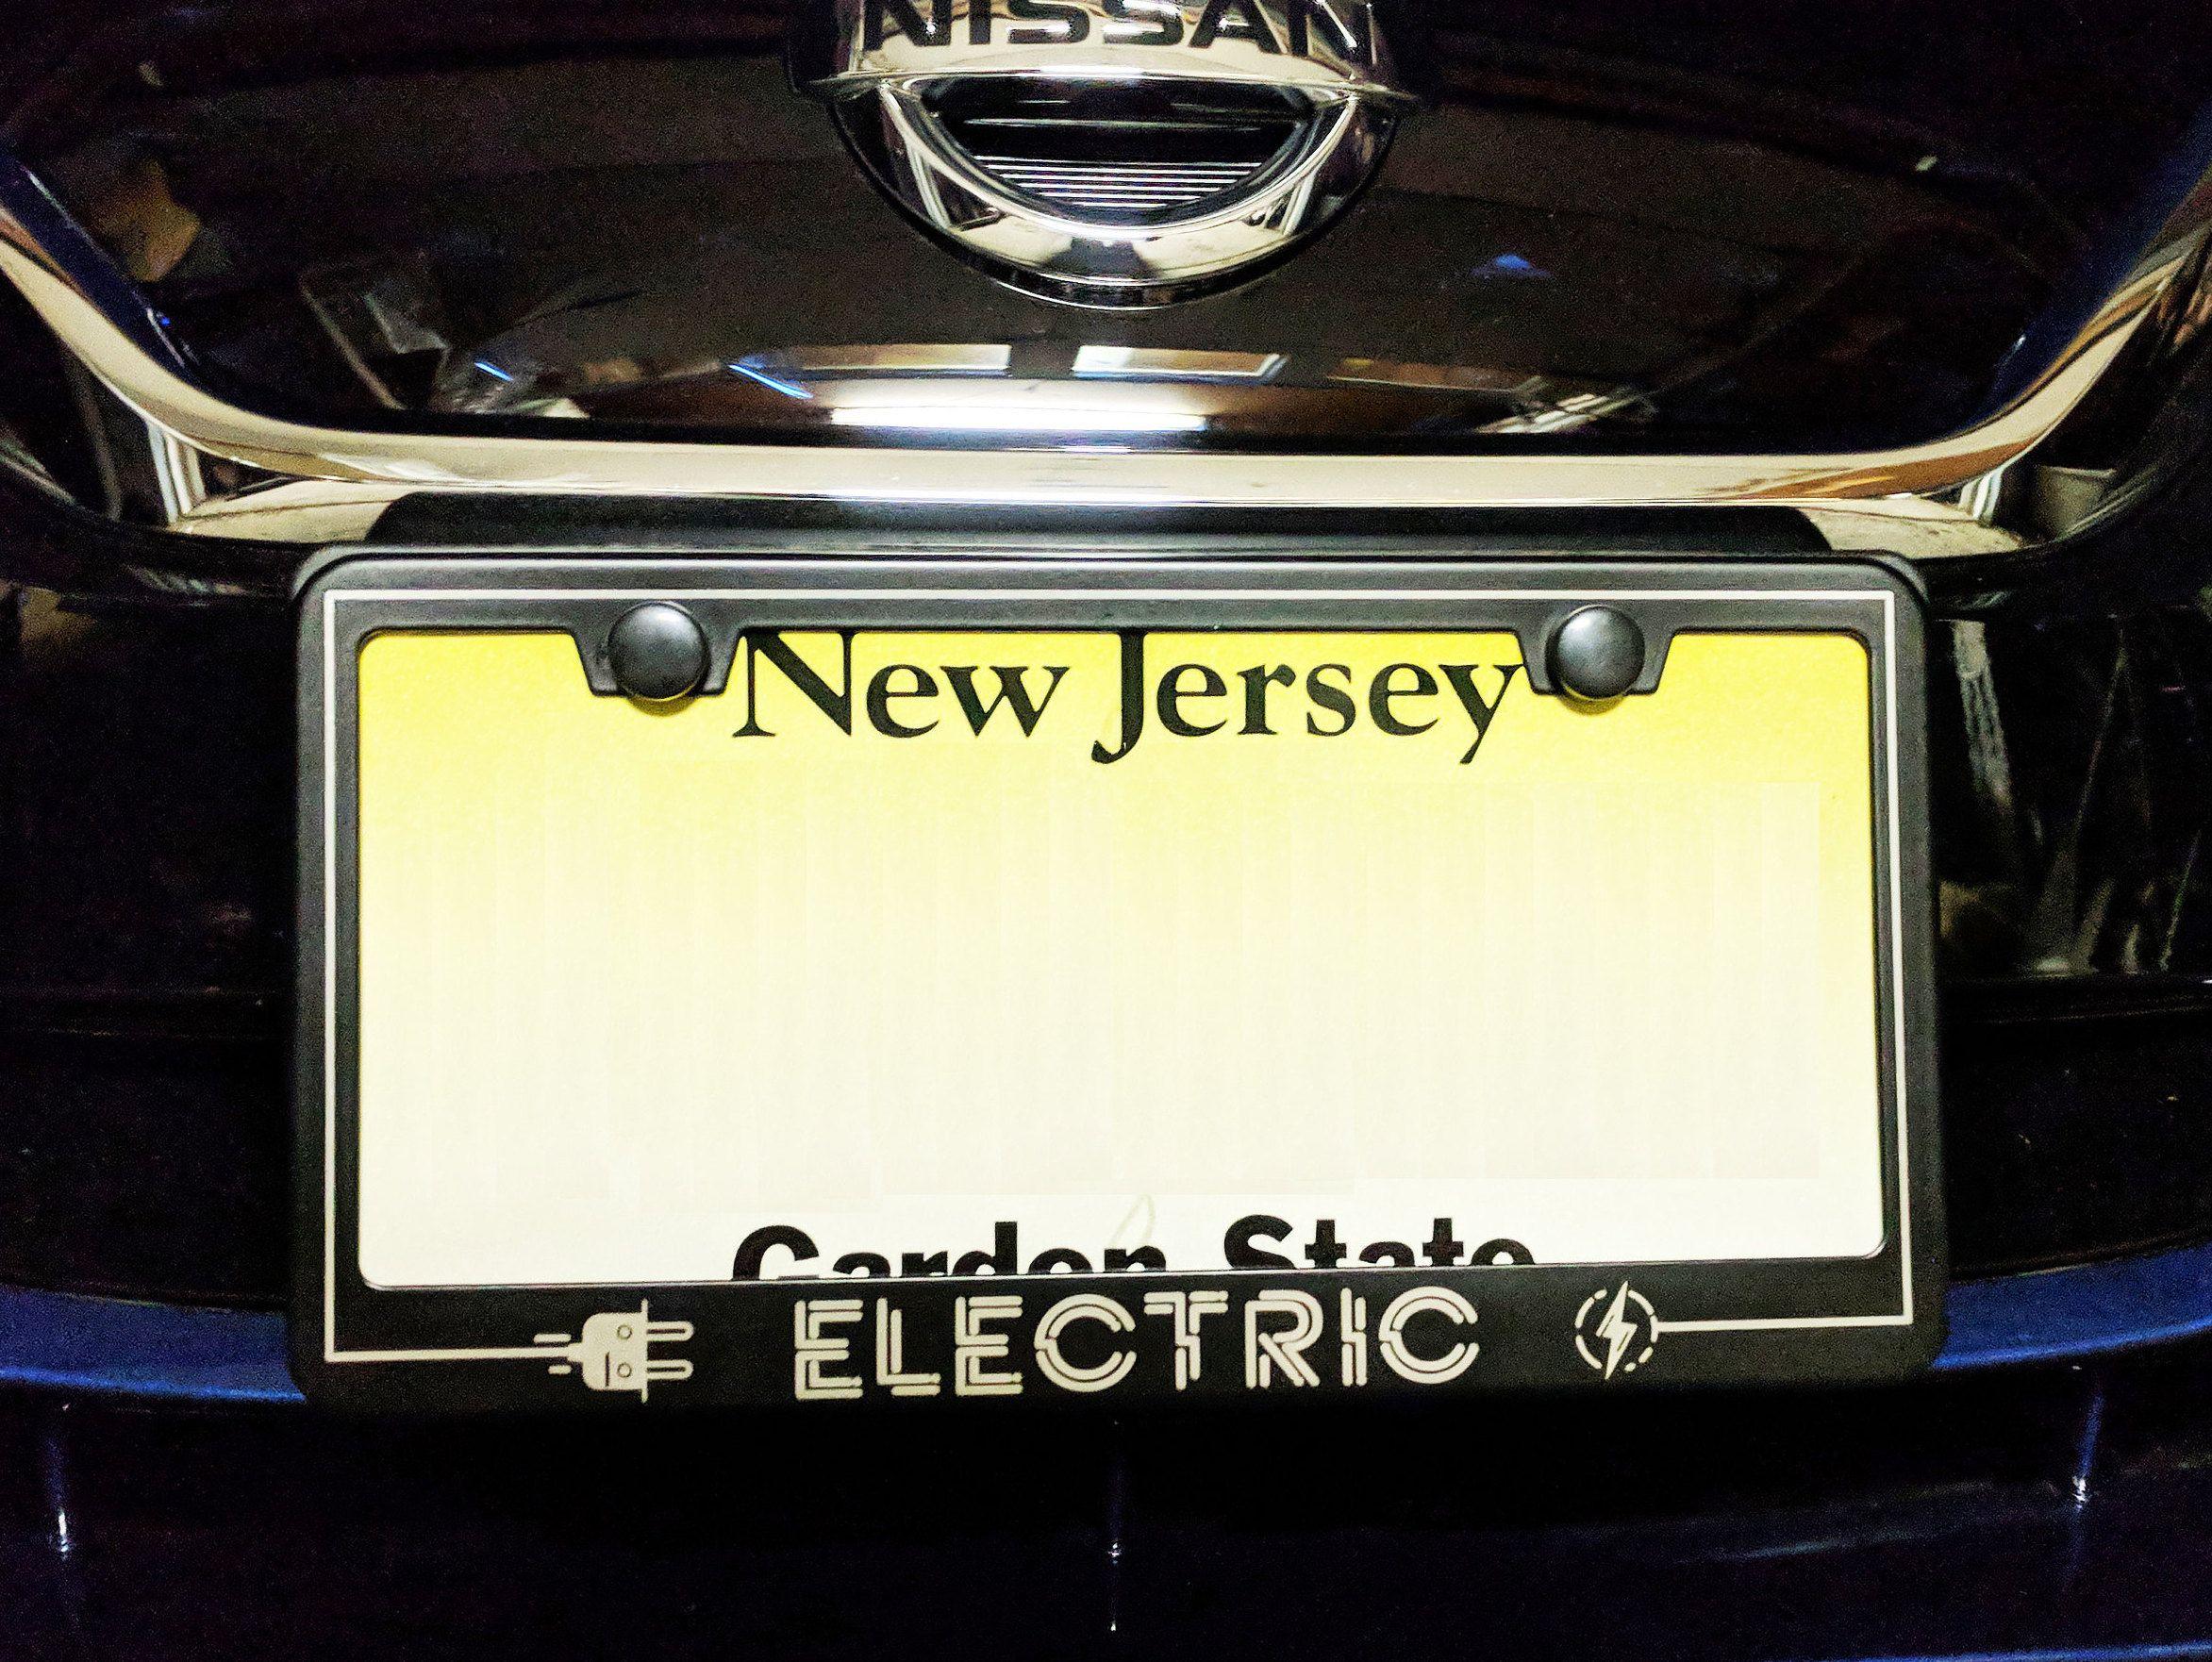 Ev Electric Vehicle Metal Laser Etched License Plate Frame Etsy Custom License Plate Frames License Plate License Plate Frames [ 1762 x 2345 Pixel ]